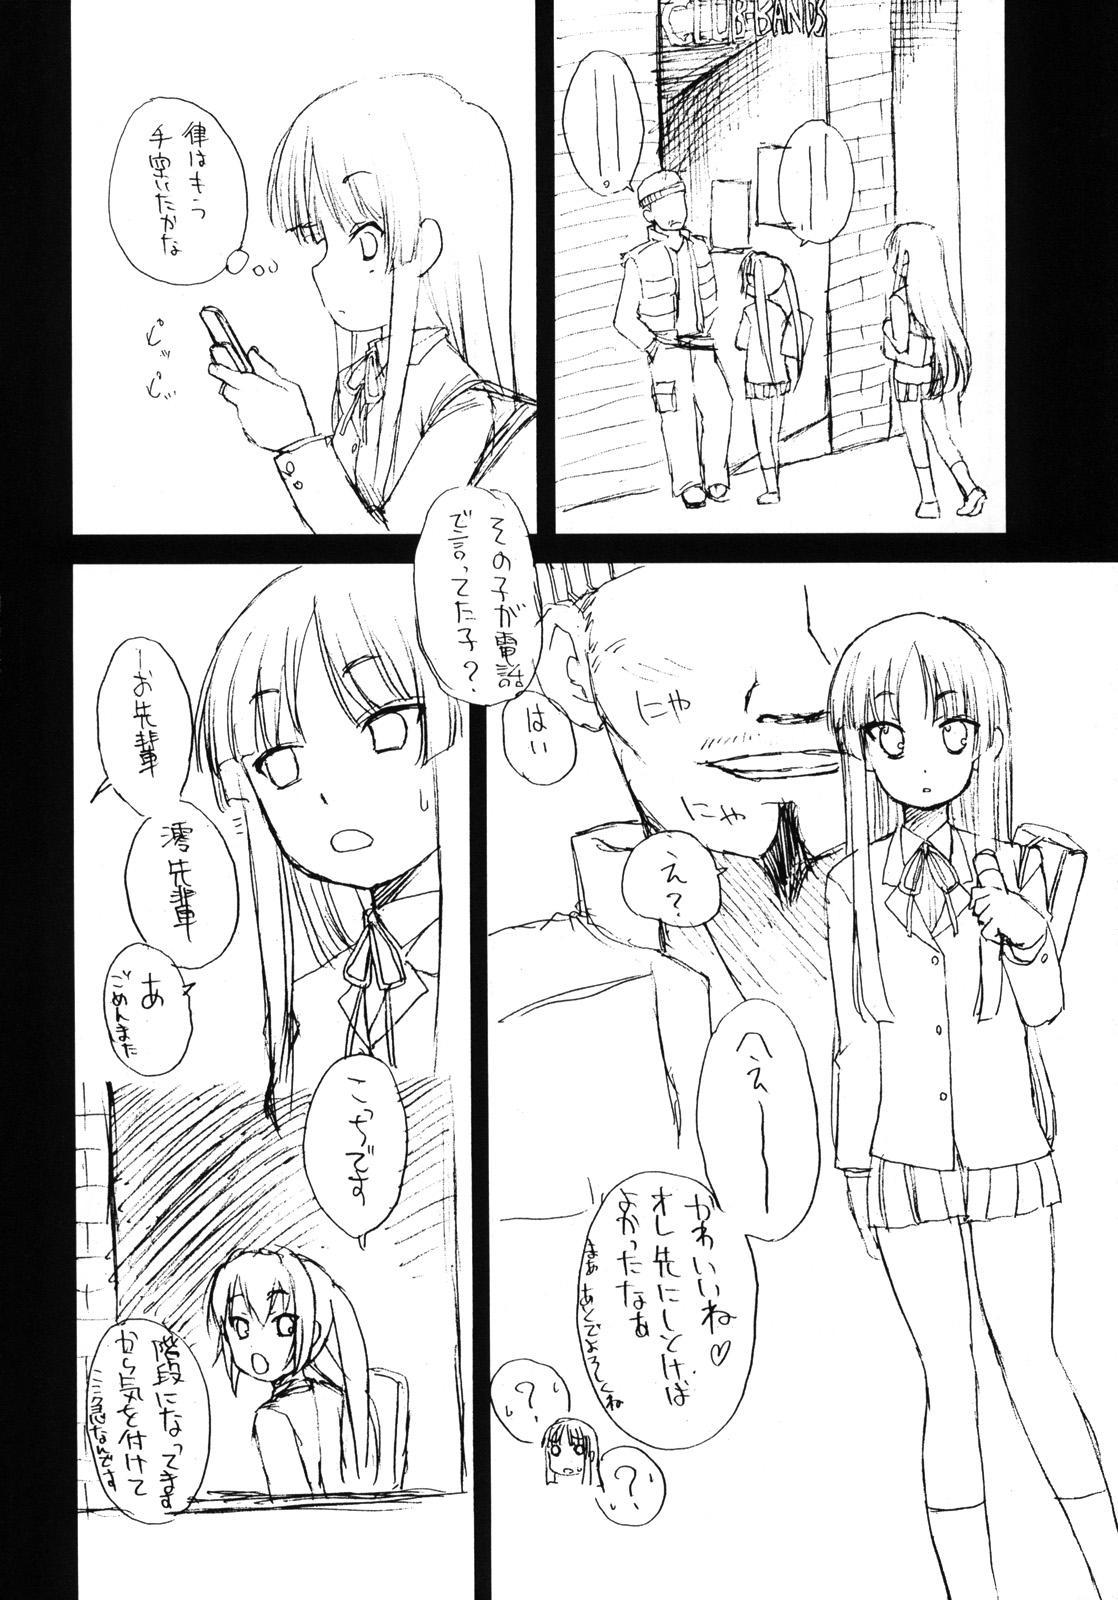 Mio no Onaka ni Dopyu Dopyu Shite Seieki Zuke ni Suru Hon 4